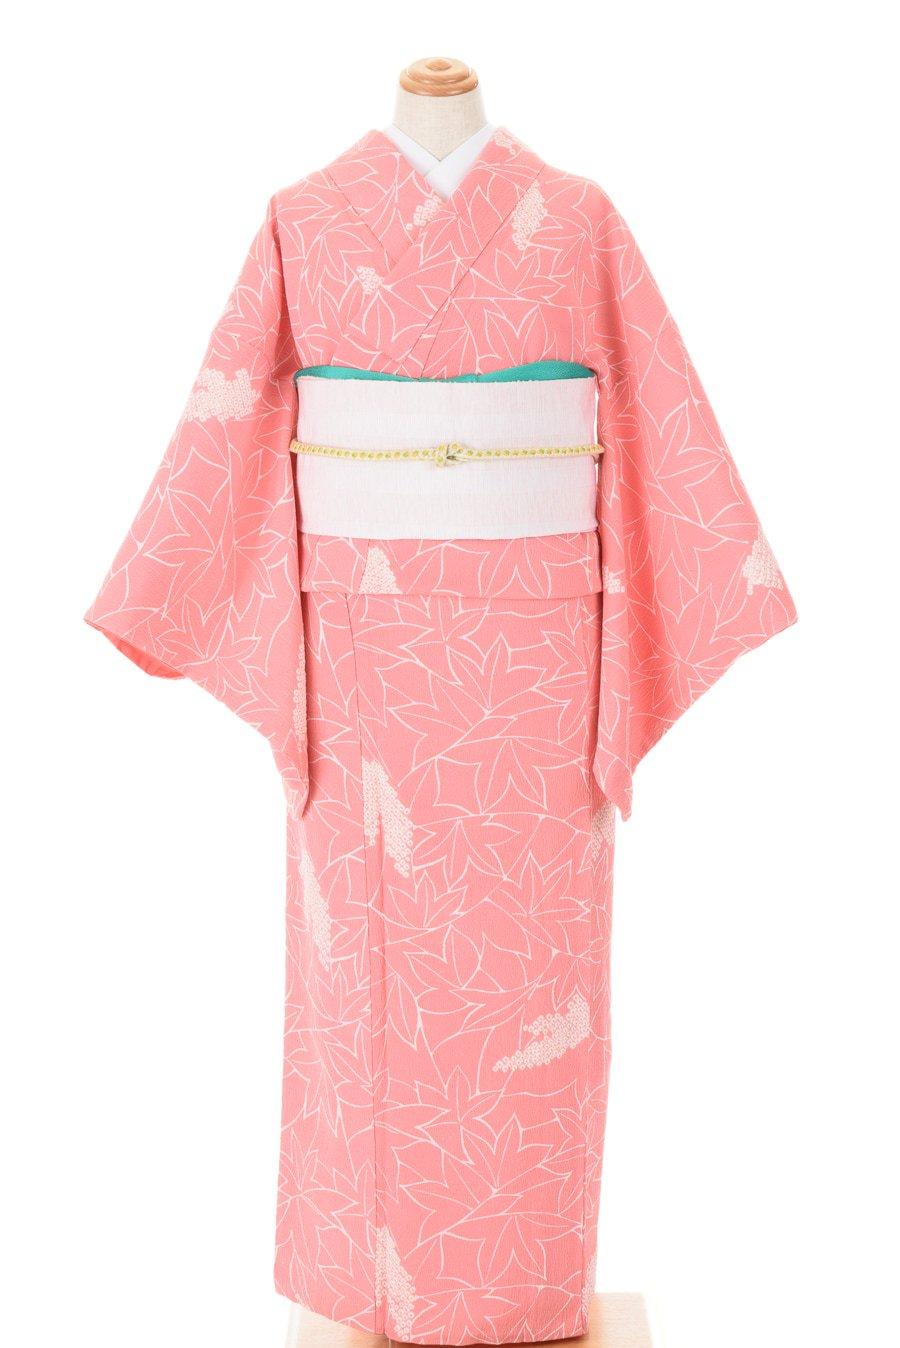 「ピンク地 白縁取りの楓」の商品画像